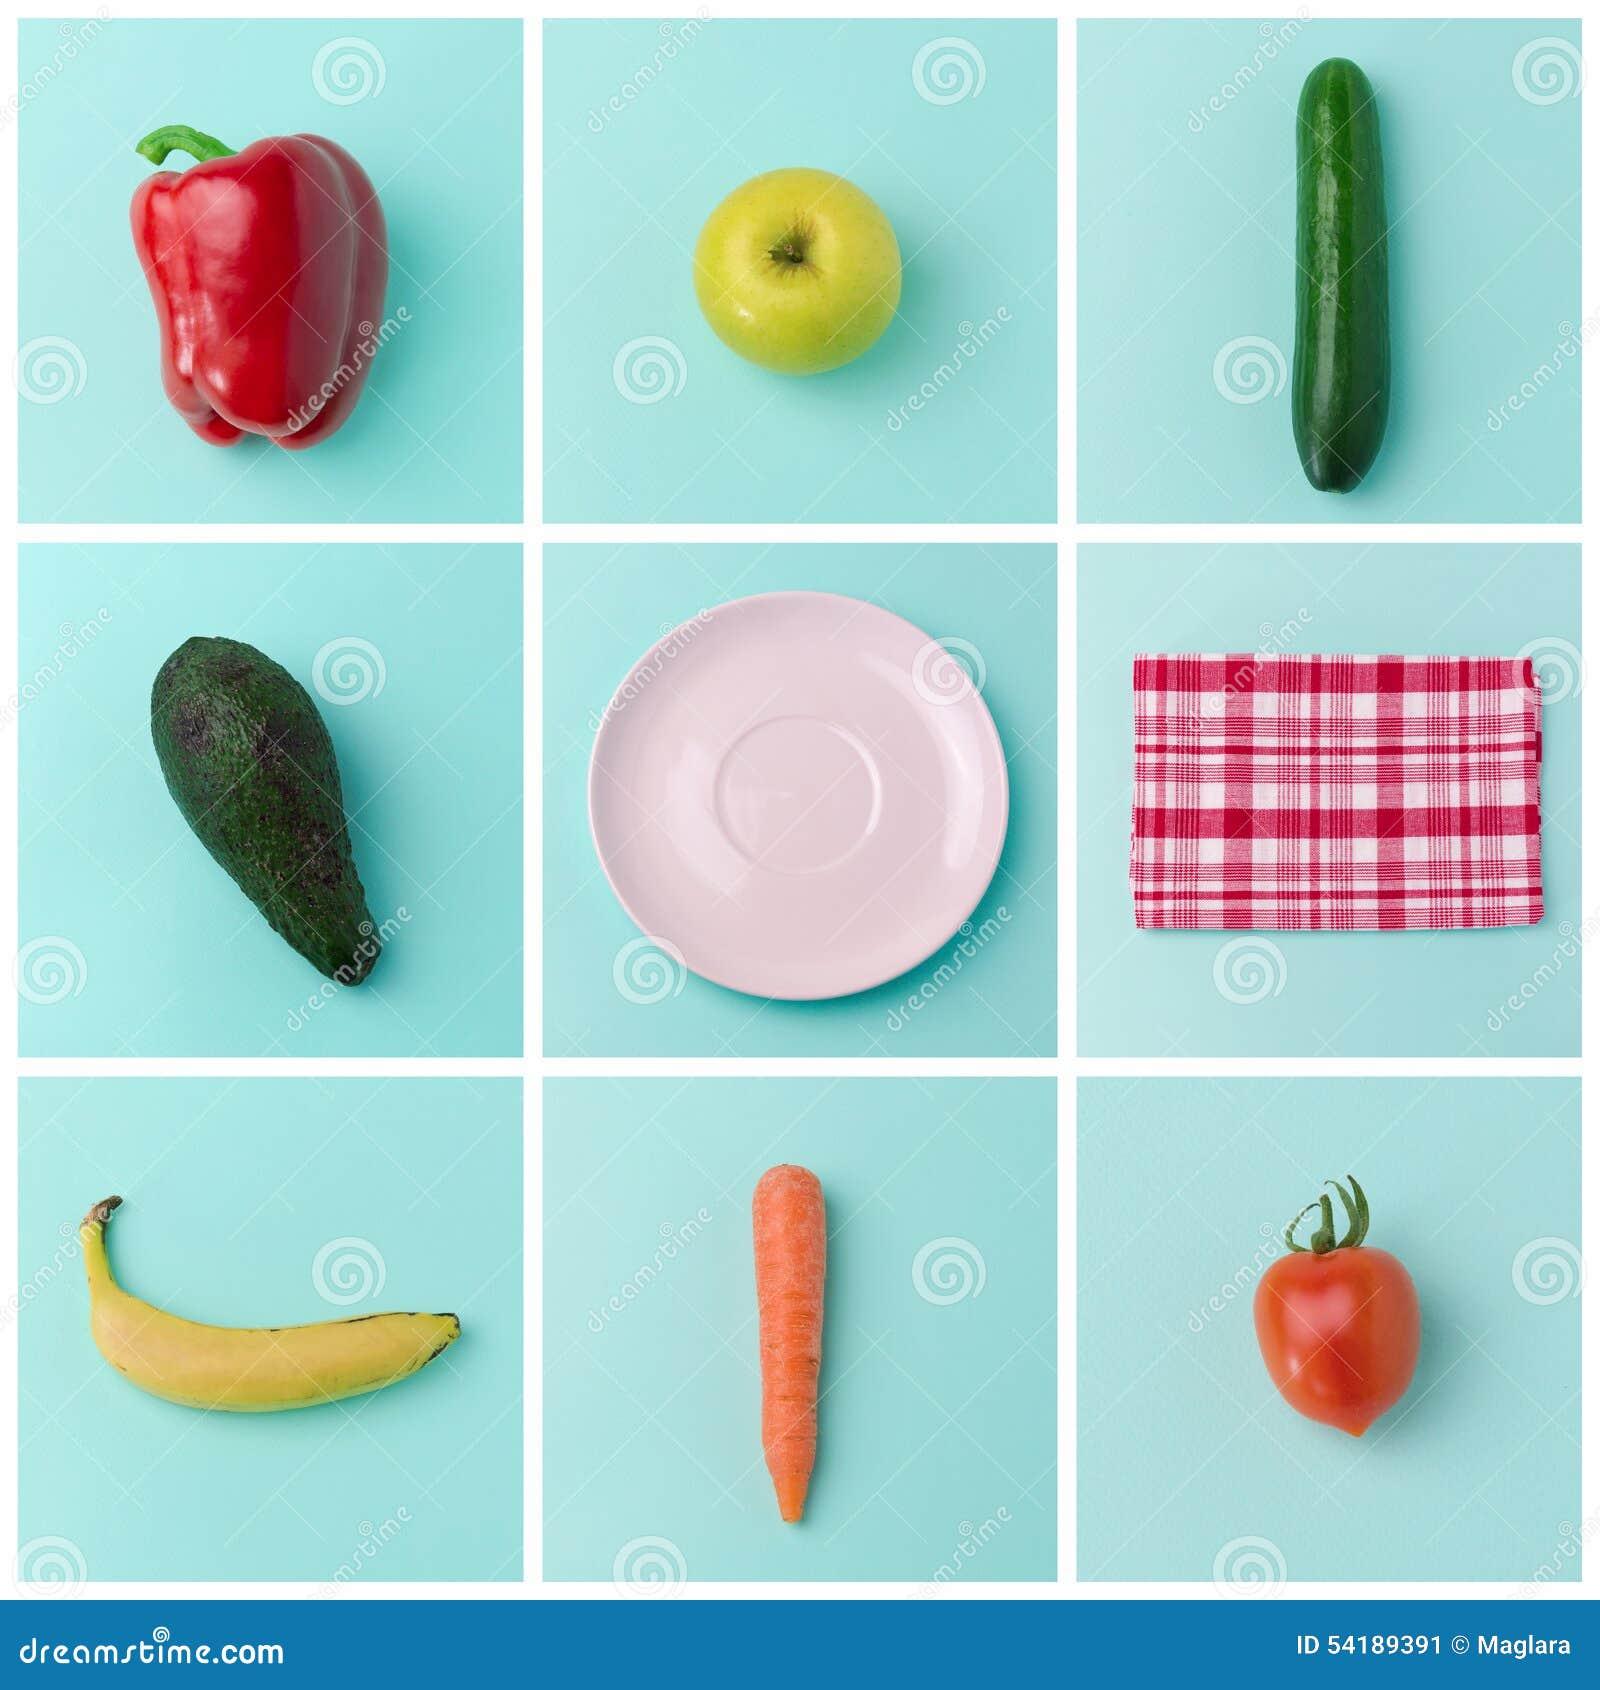 Konzept-Plakatdesign der gesunden Ernährung mit Obst und Gemüse